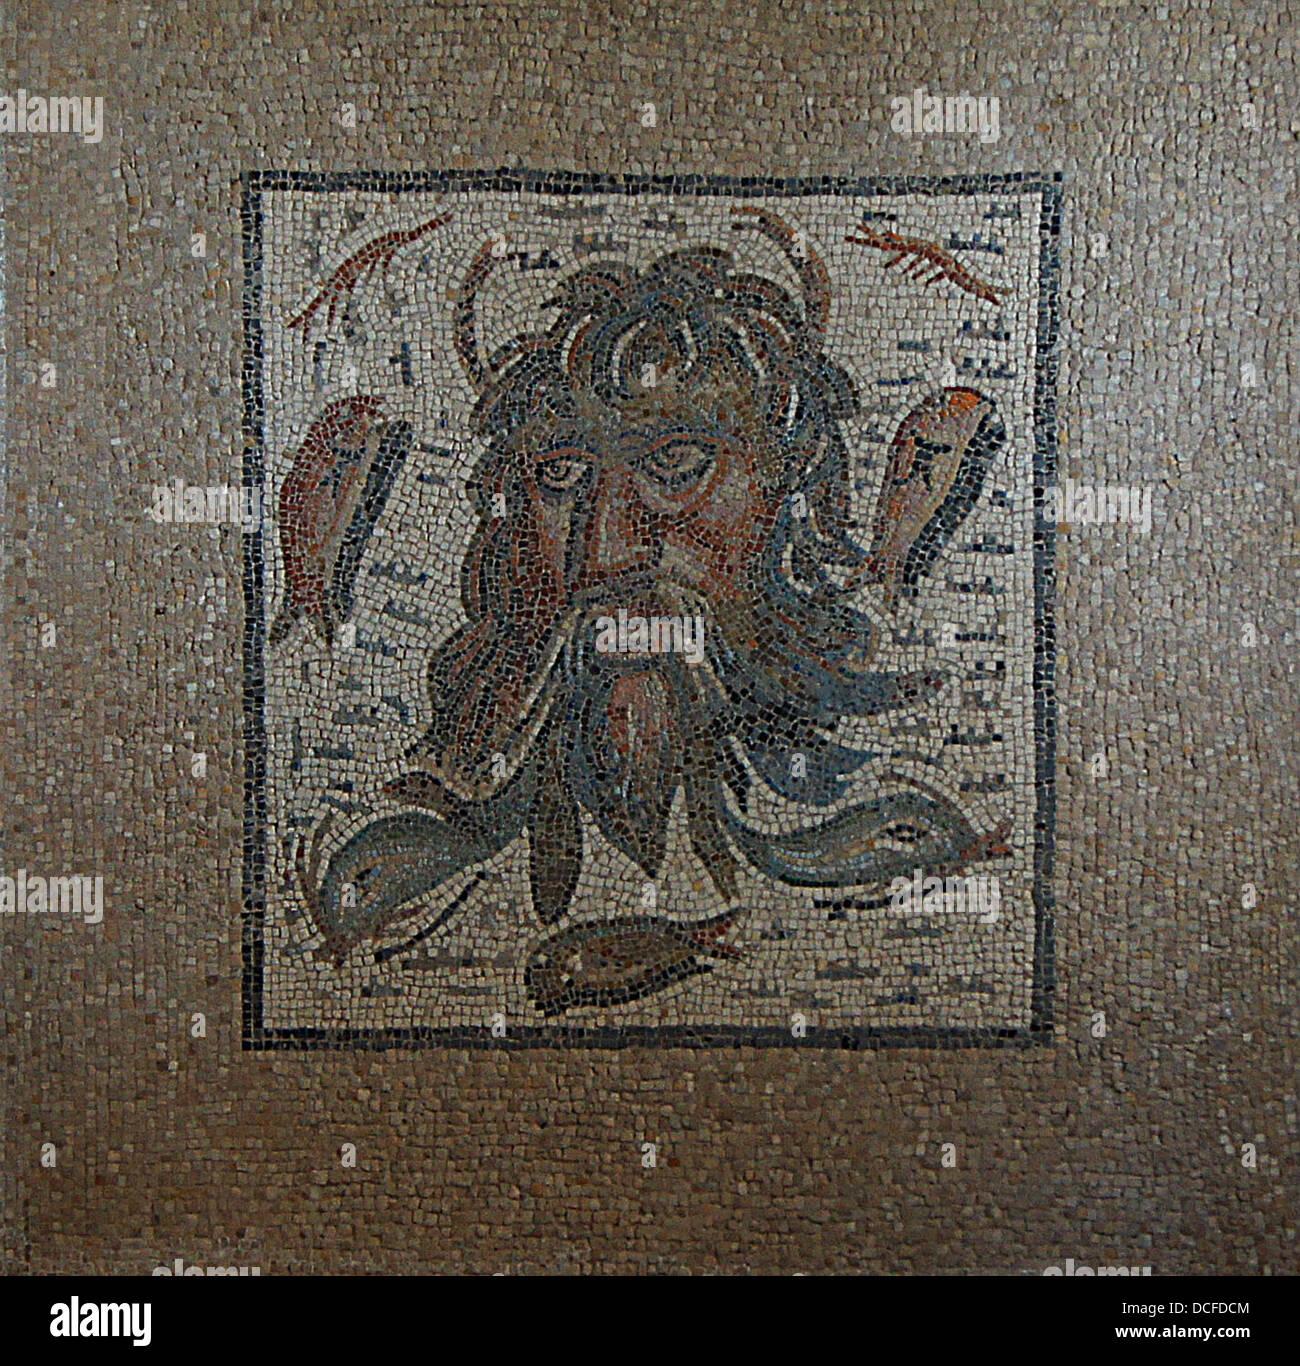 Mosaïque d'Okeanos, 2e 3e siècle, fouillé en 1959. Alcazar de los Reyes Cristianos, Cordoue, Photo Stock